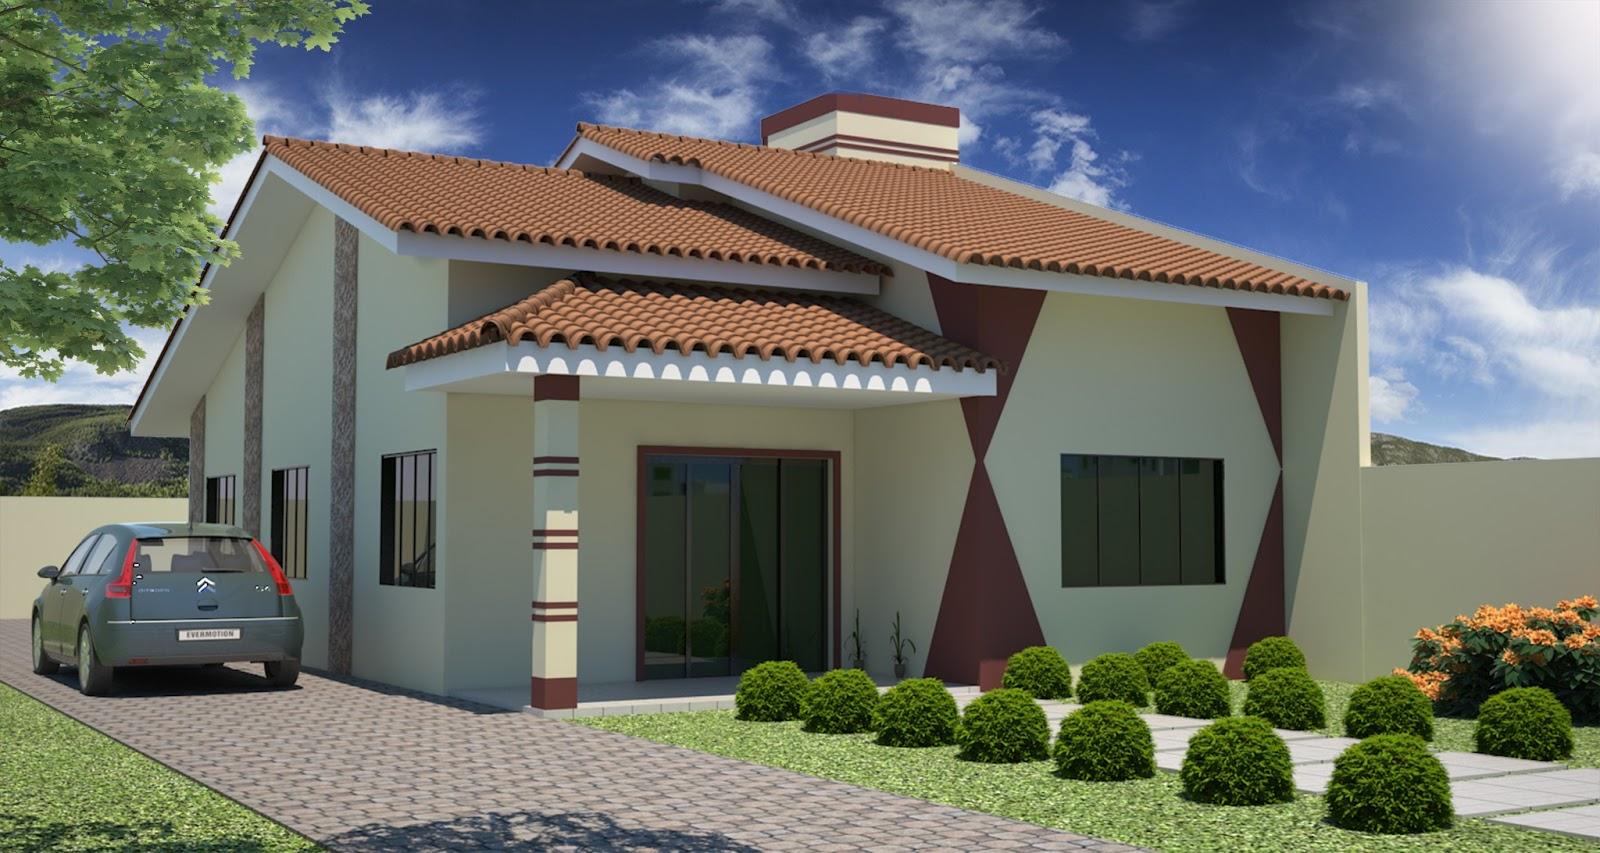 3d sonic maquetes casa projeto e 3d feito por mim for Casas 3d